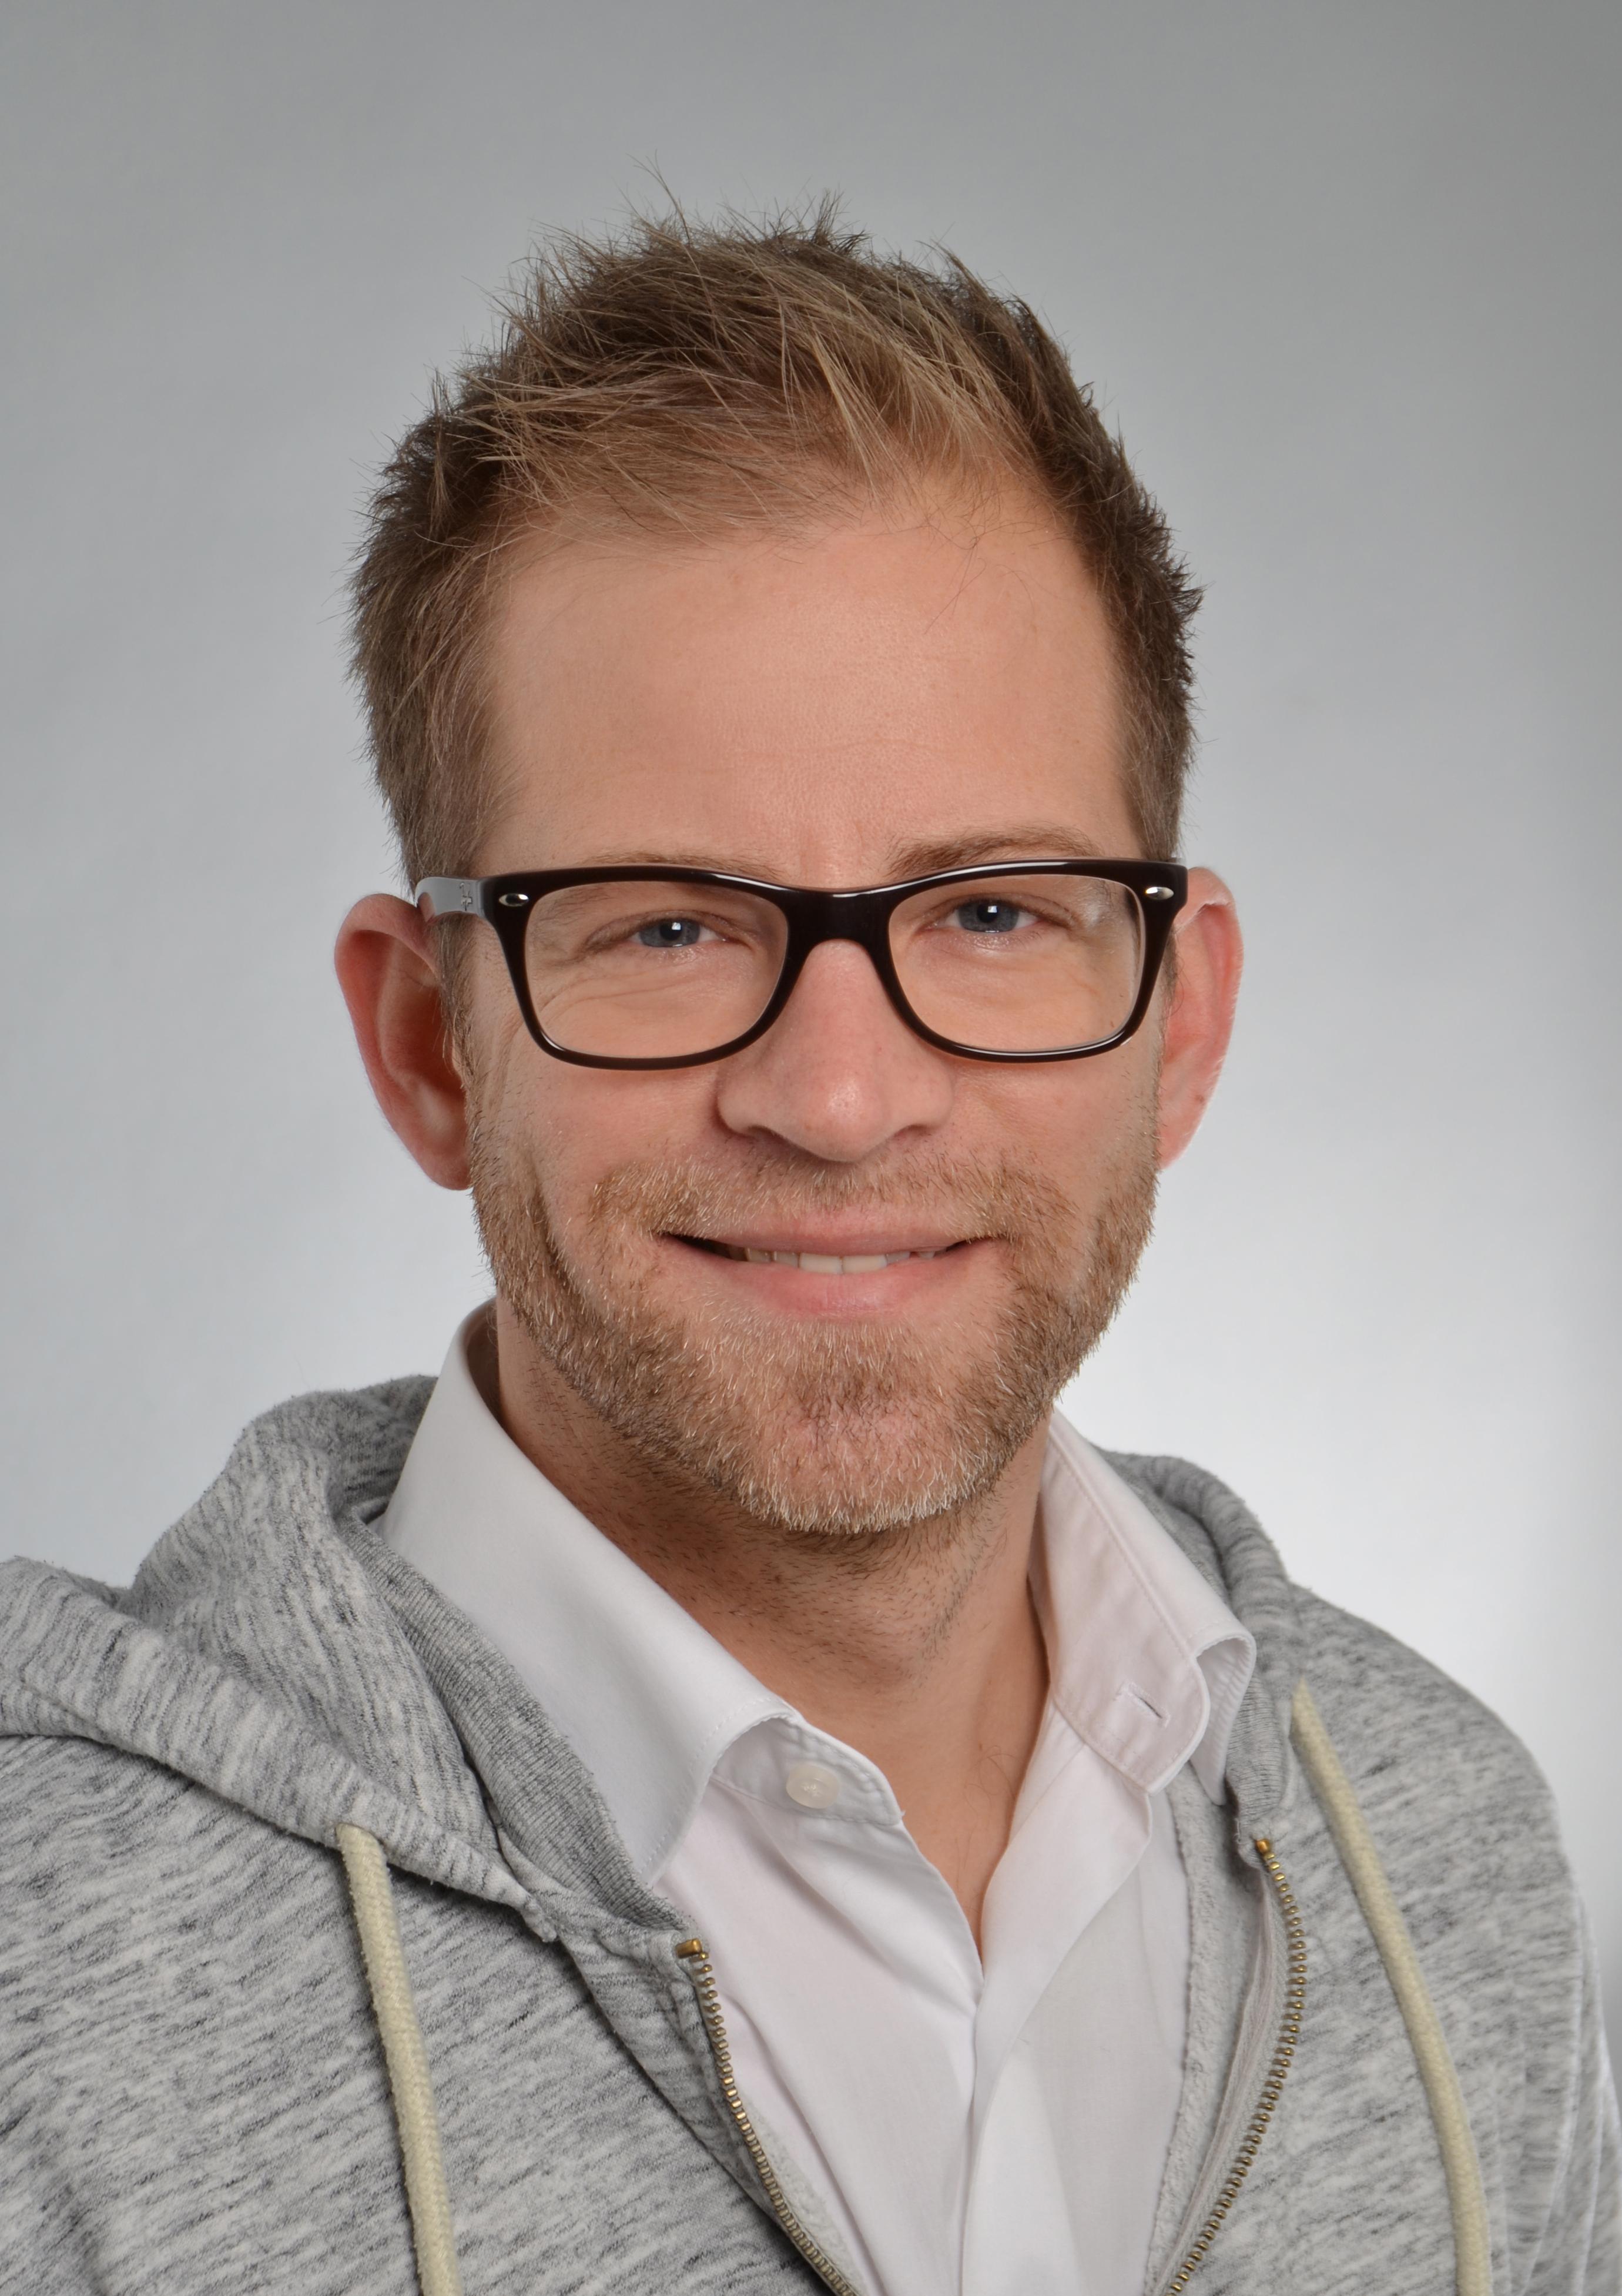 Institut für Klinische-, Gesundheits- und Familienpsychologie Mag. Rainer Stiegler